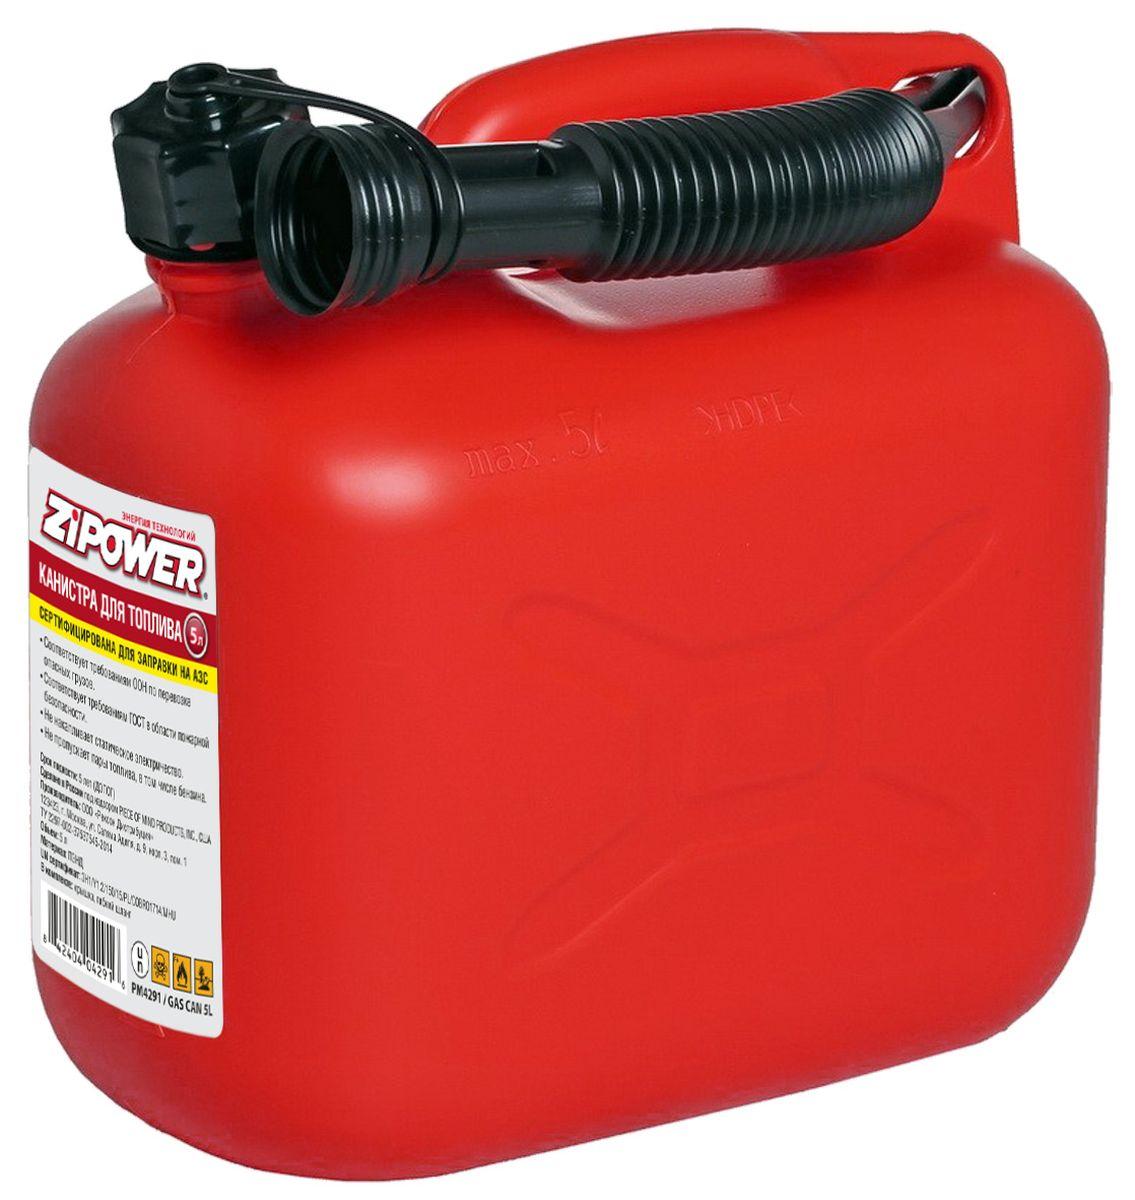 Канистра для топлива Zipower, цвет: красный, 5 л канистра для топлива dollex с носиком 10 л